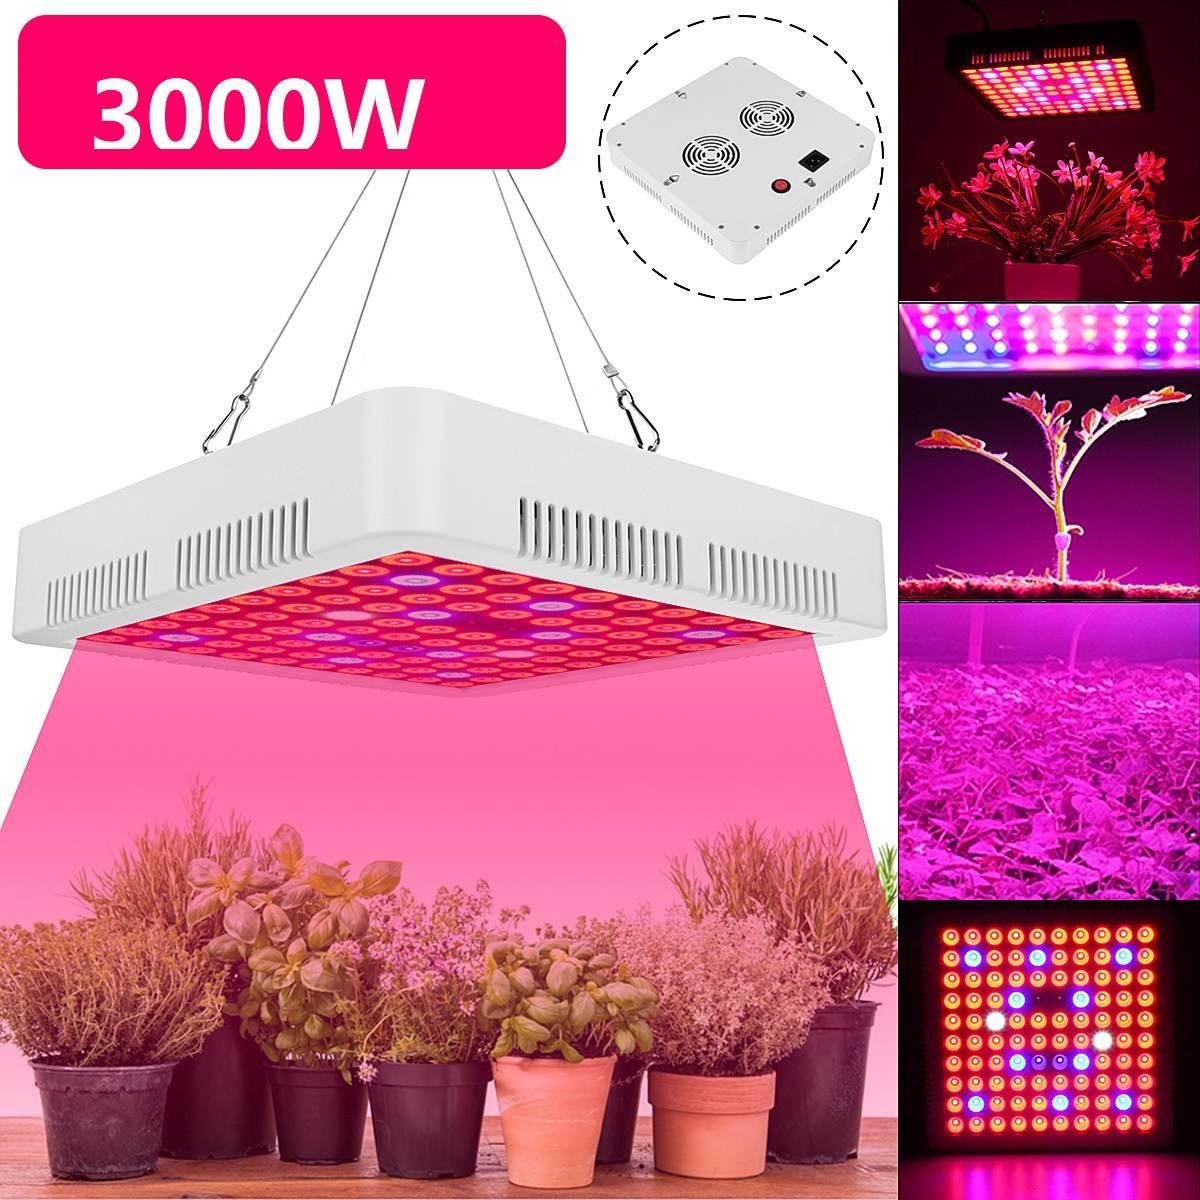 3000 w led crescer luzes painel da lâmpada hidropônica planta crescendo espectro completo para vegetal flor interior sementes de plantas AC85-265V preto/branco